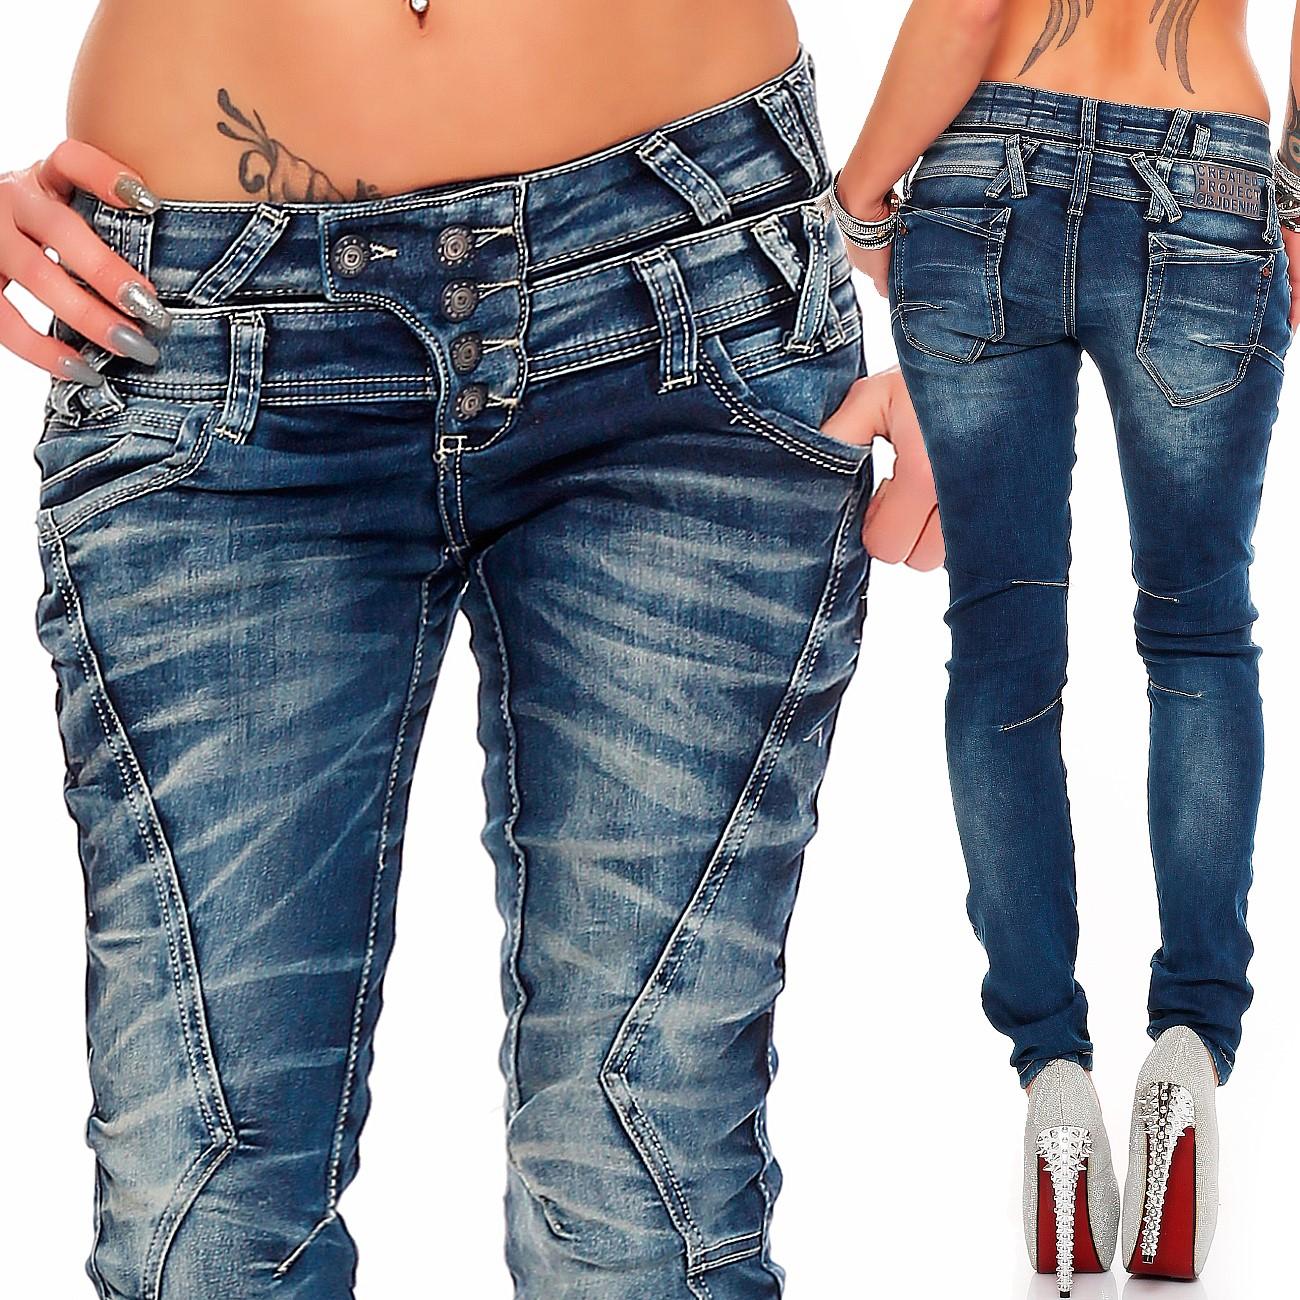 Verschiedene-Cipo-amp-Baxx-Damen-Jeans-Hosen-Slim-Fit-Regular-Fit-Streetwear Indexbild 40